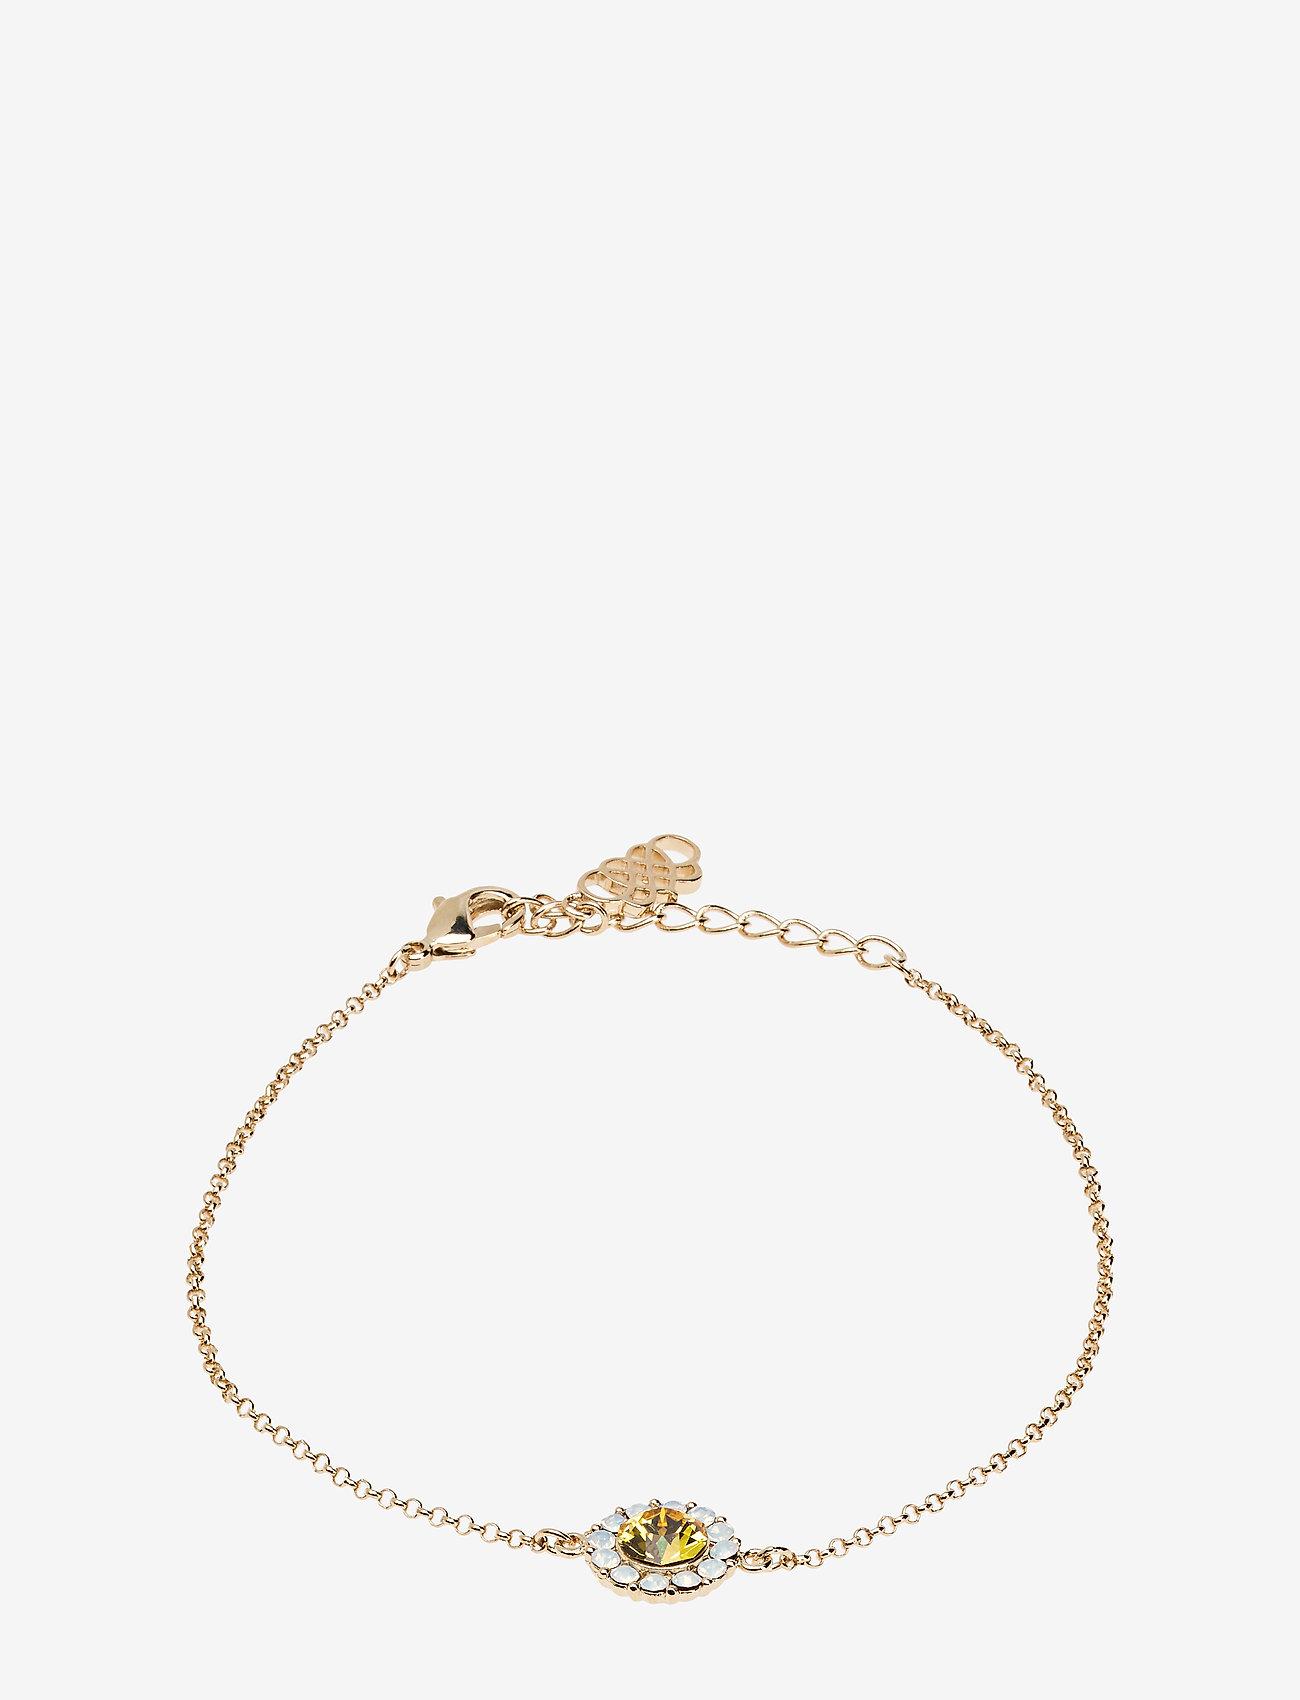 LILY AND ROSE - Celeste bracelet - Sunshine - dainty - sunshine